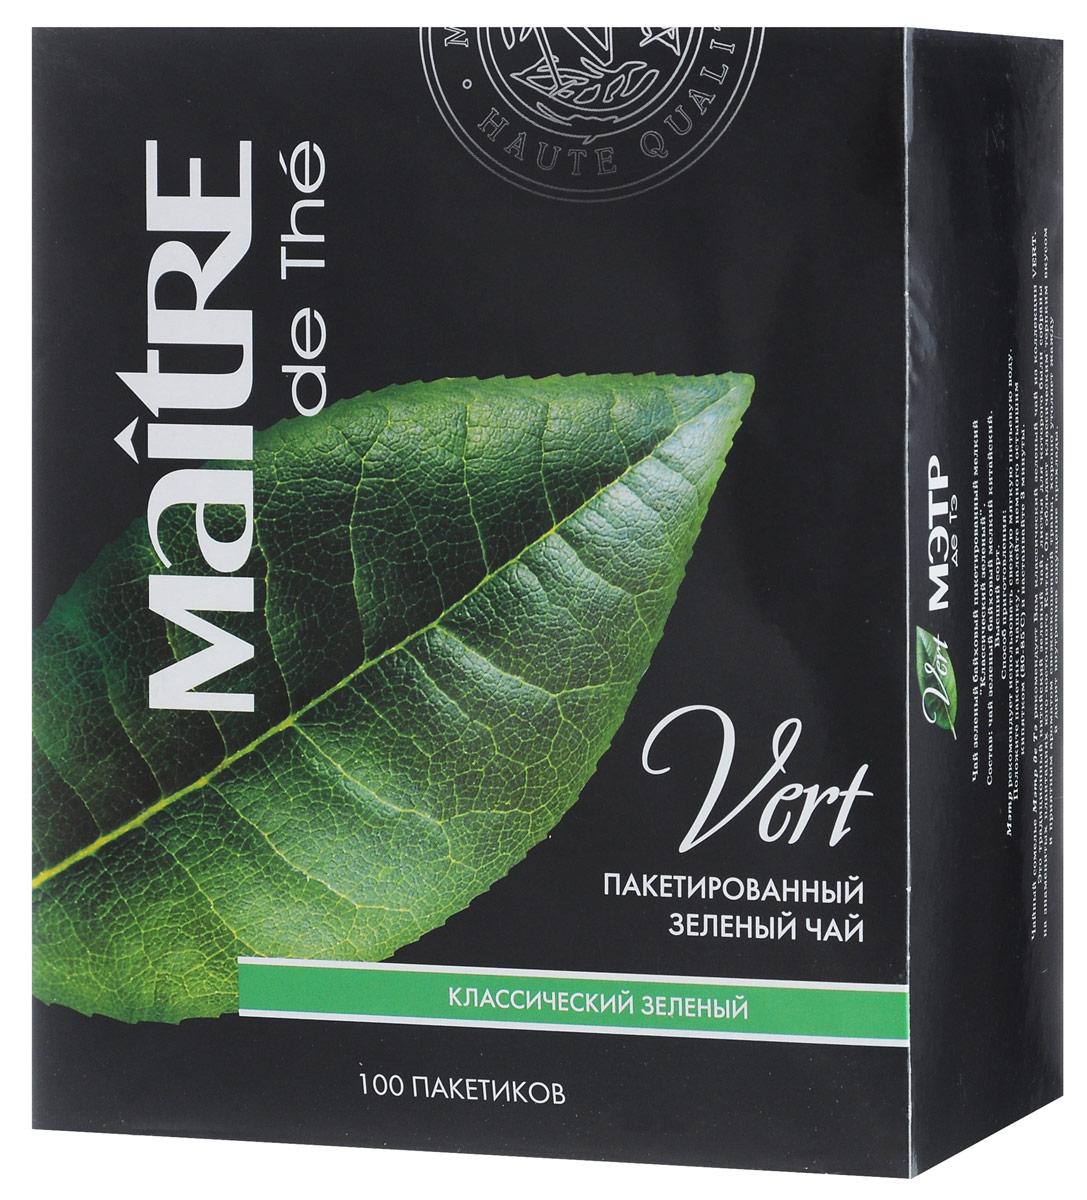 Maitre Классический зеленый байховый чай в пакетиках, 100 штбак285рЗеленый байховый чай Maitre Классический в пакетиках для разовой заварки. Это традиционный китайский зеленый чай, листья которого были собраны на знаменитых плантациях юго- восточного Китая. Он обладает классическим терпким вкусом и приятным ароматом свежей травы, хорошо утоляет жажду и дарит внутреннее ощущение прохлады.